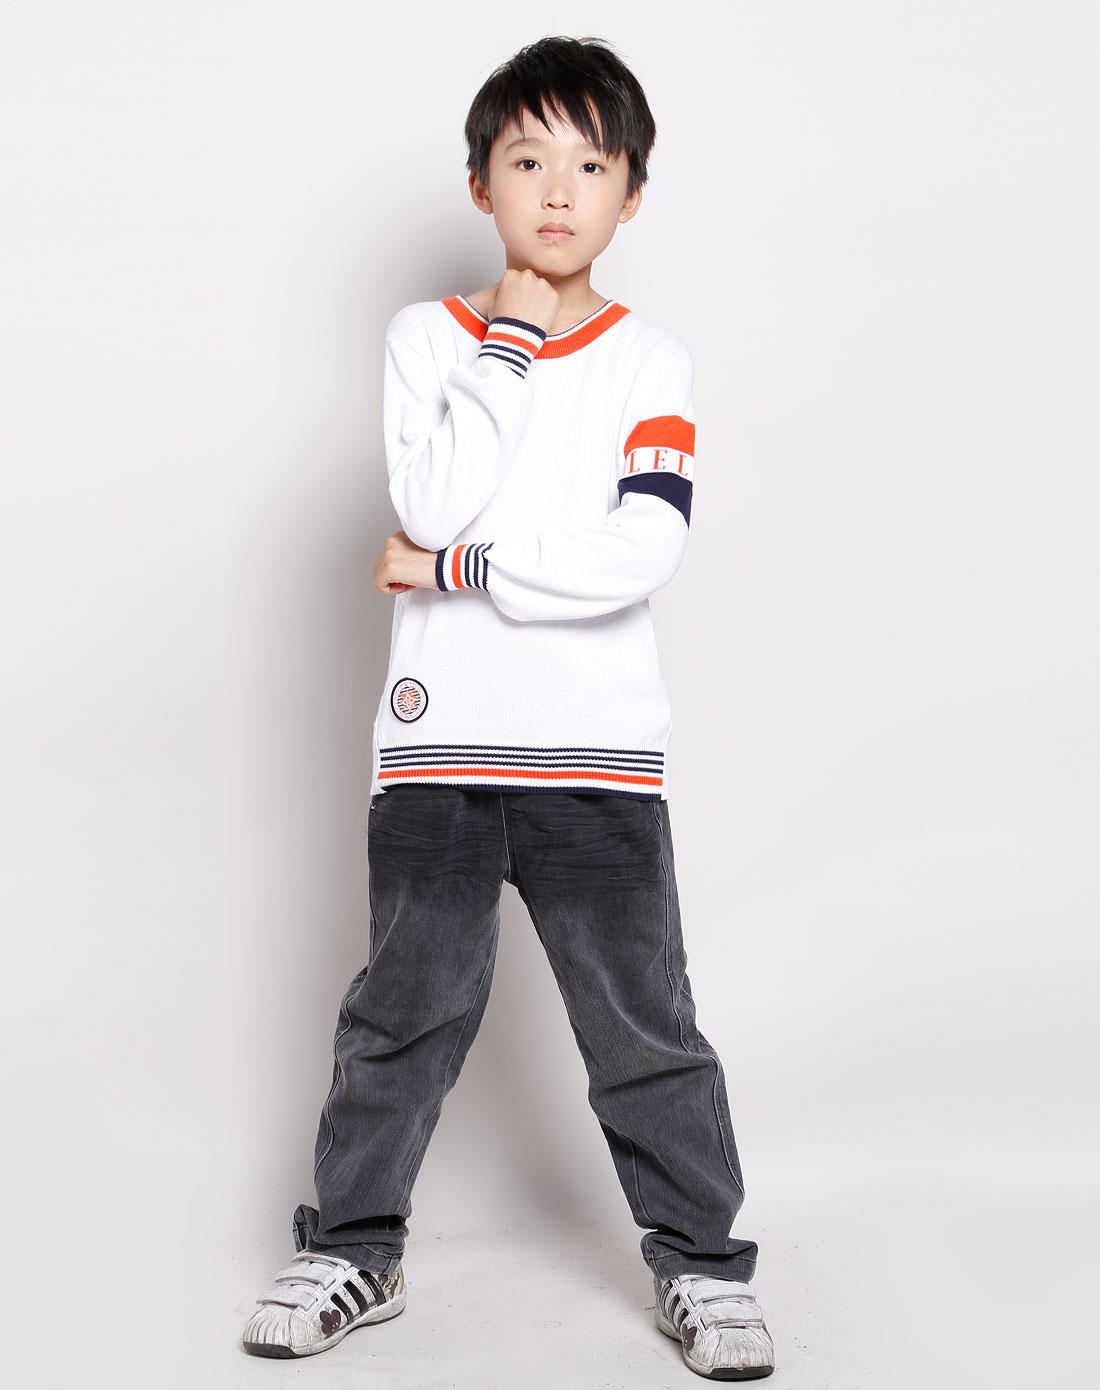 男童橙色针织休闲服装